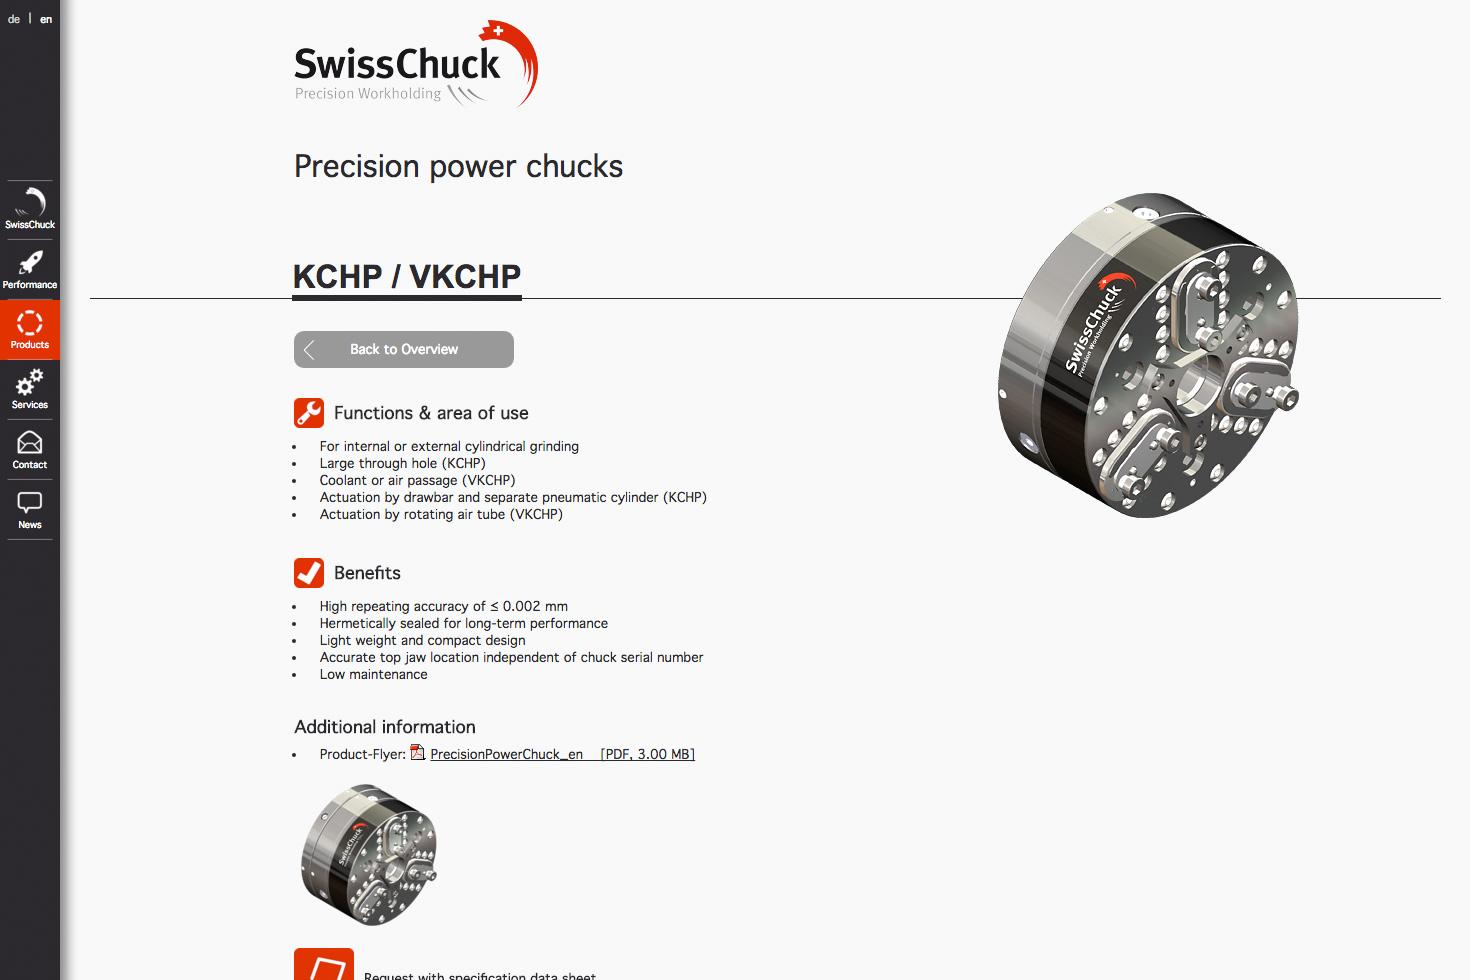 Bild 4 vom SwissChuck AG Webseite